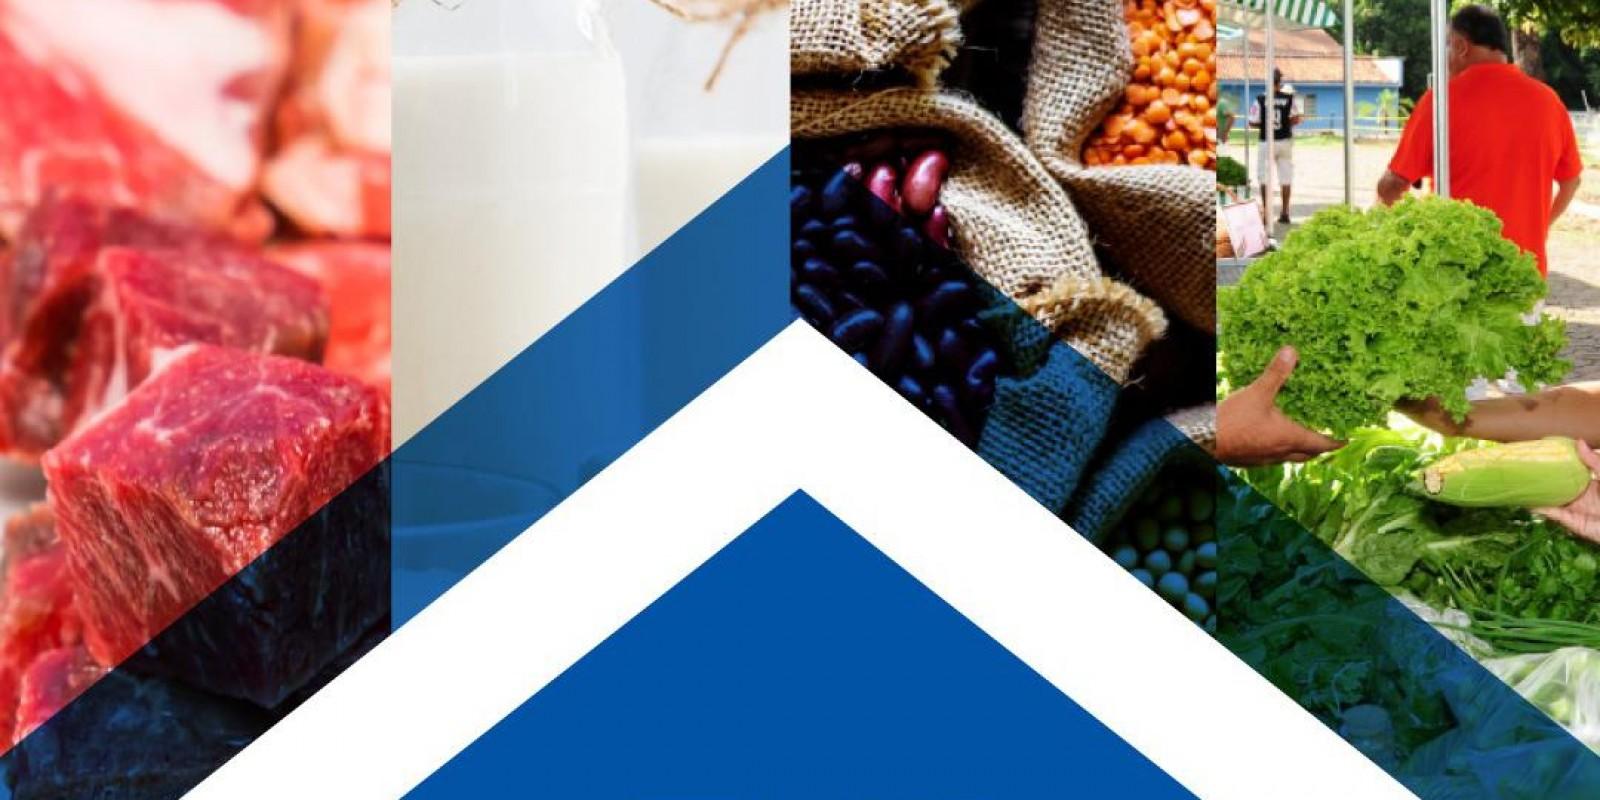 Abastecimento e produção agropecuária seguem dentro da normalidade em Minas